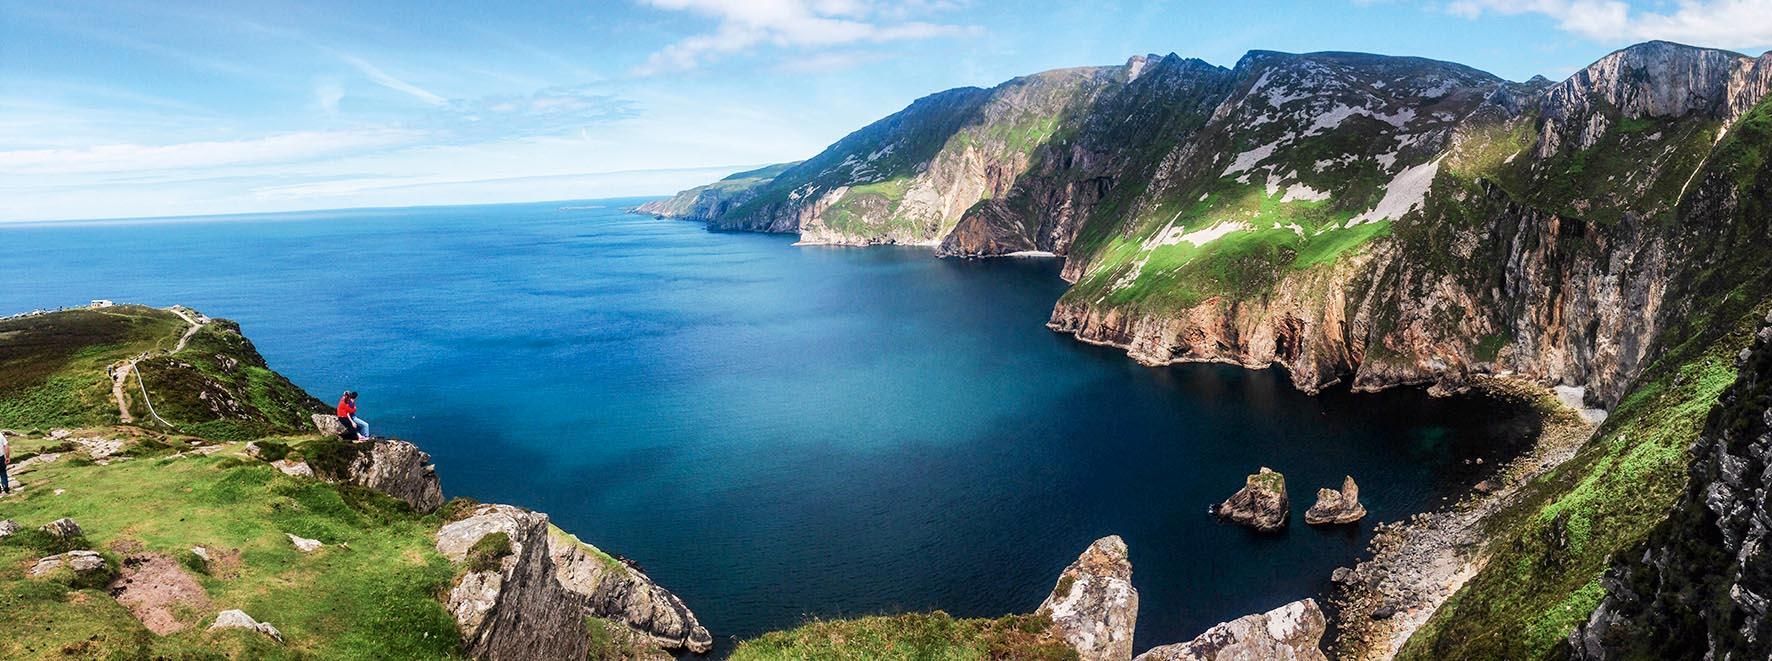 Em primeiro plano, montanhas à beira d'água formam uma baía natural. Ao fundo, o horizonte marítimo